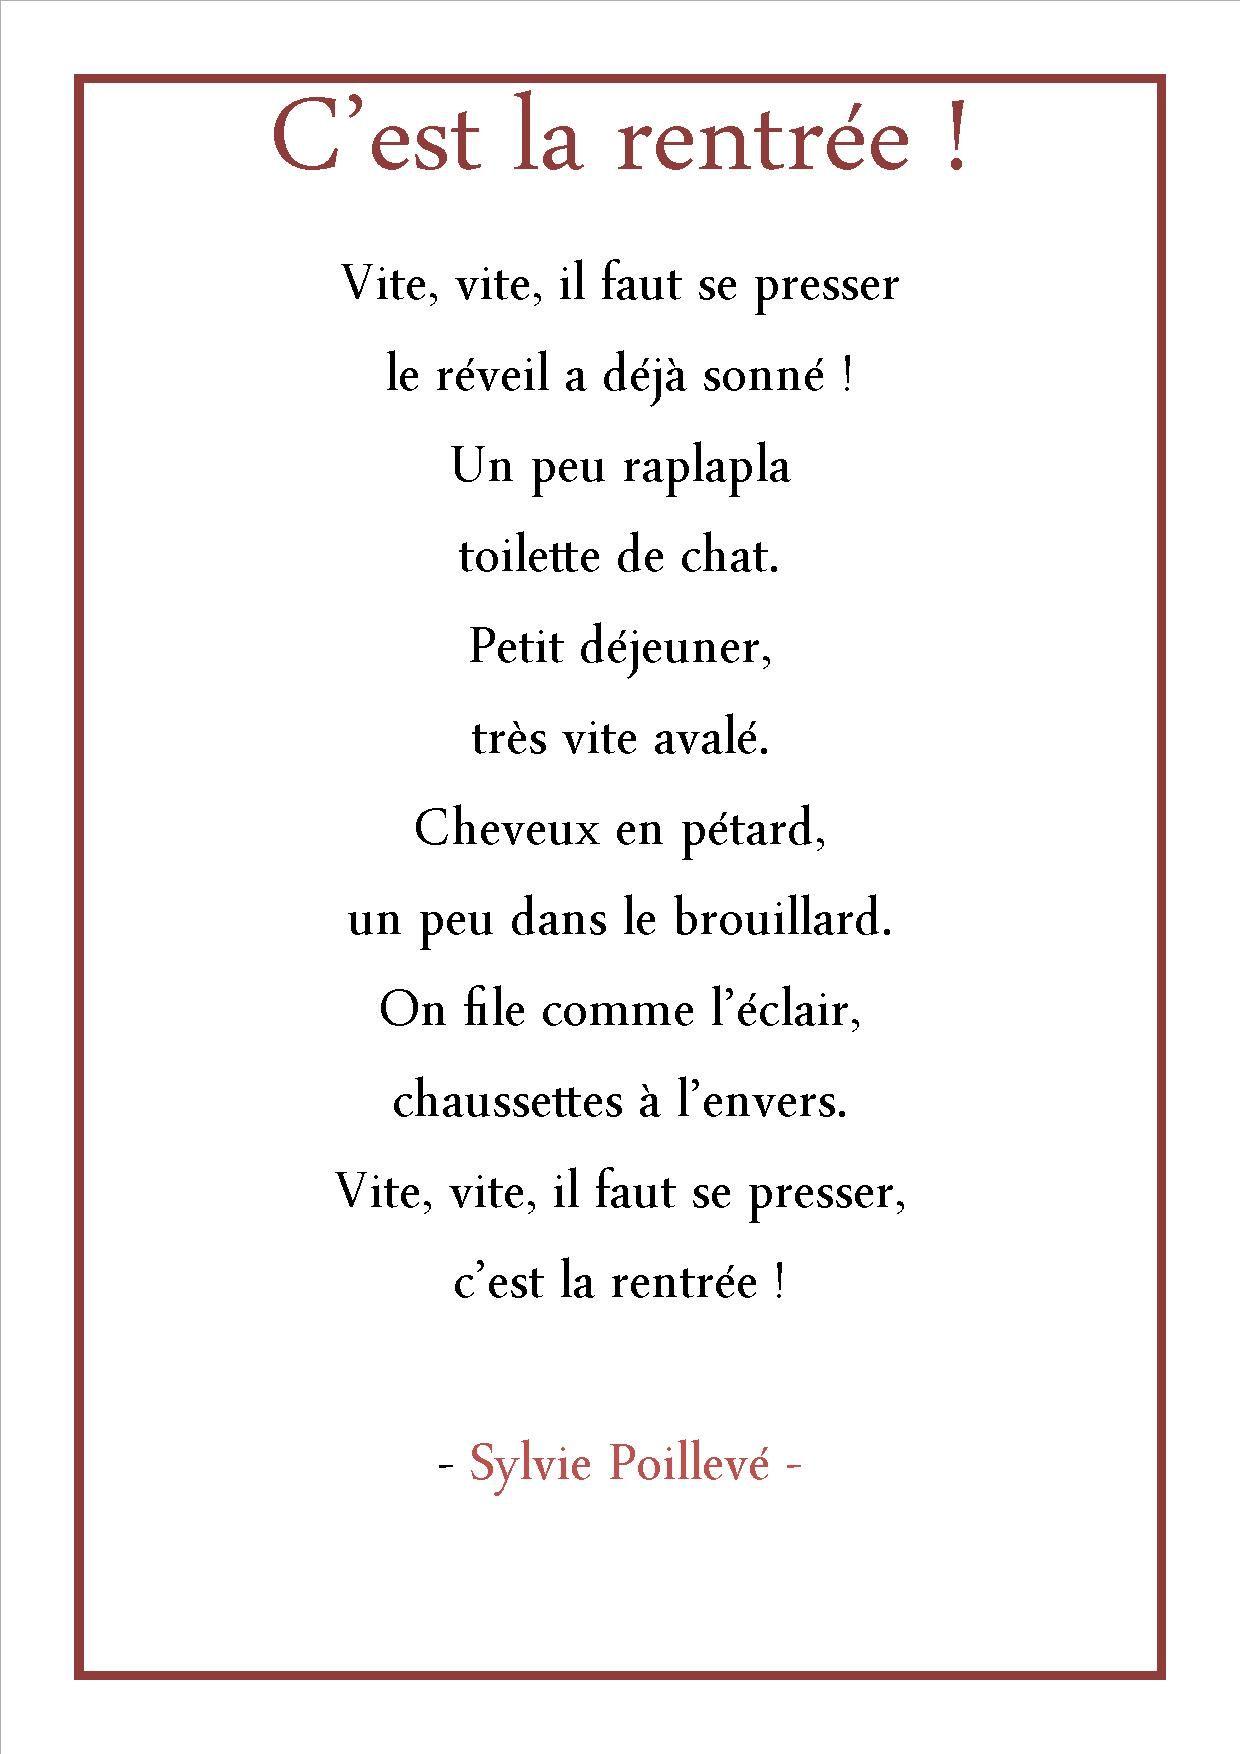 Fabulous poésie c'est la rentrée sylvie poillevé - Google Search | poésies  HK98